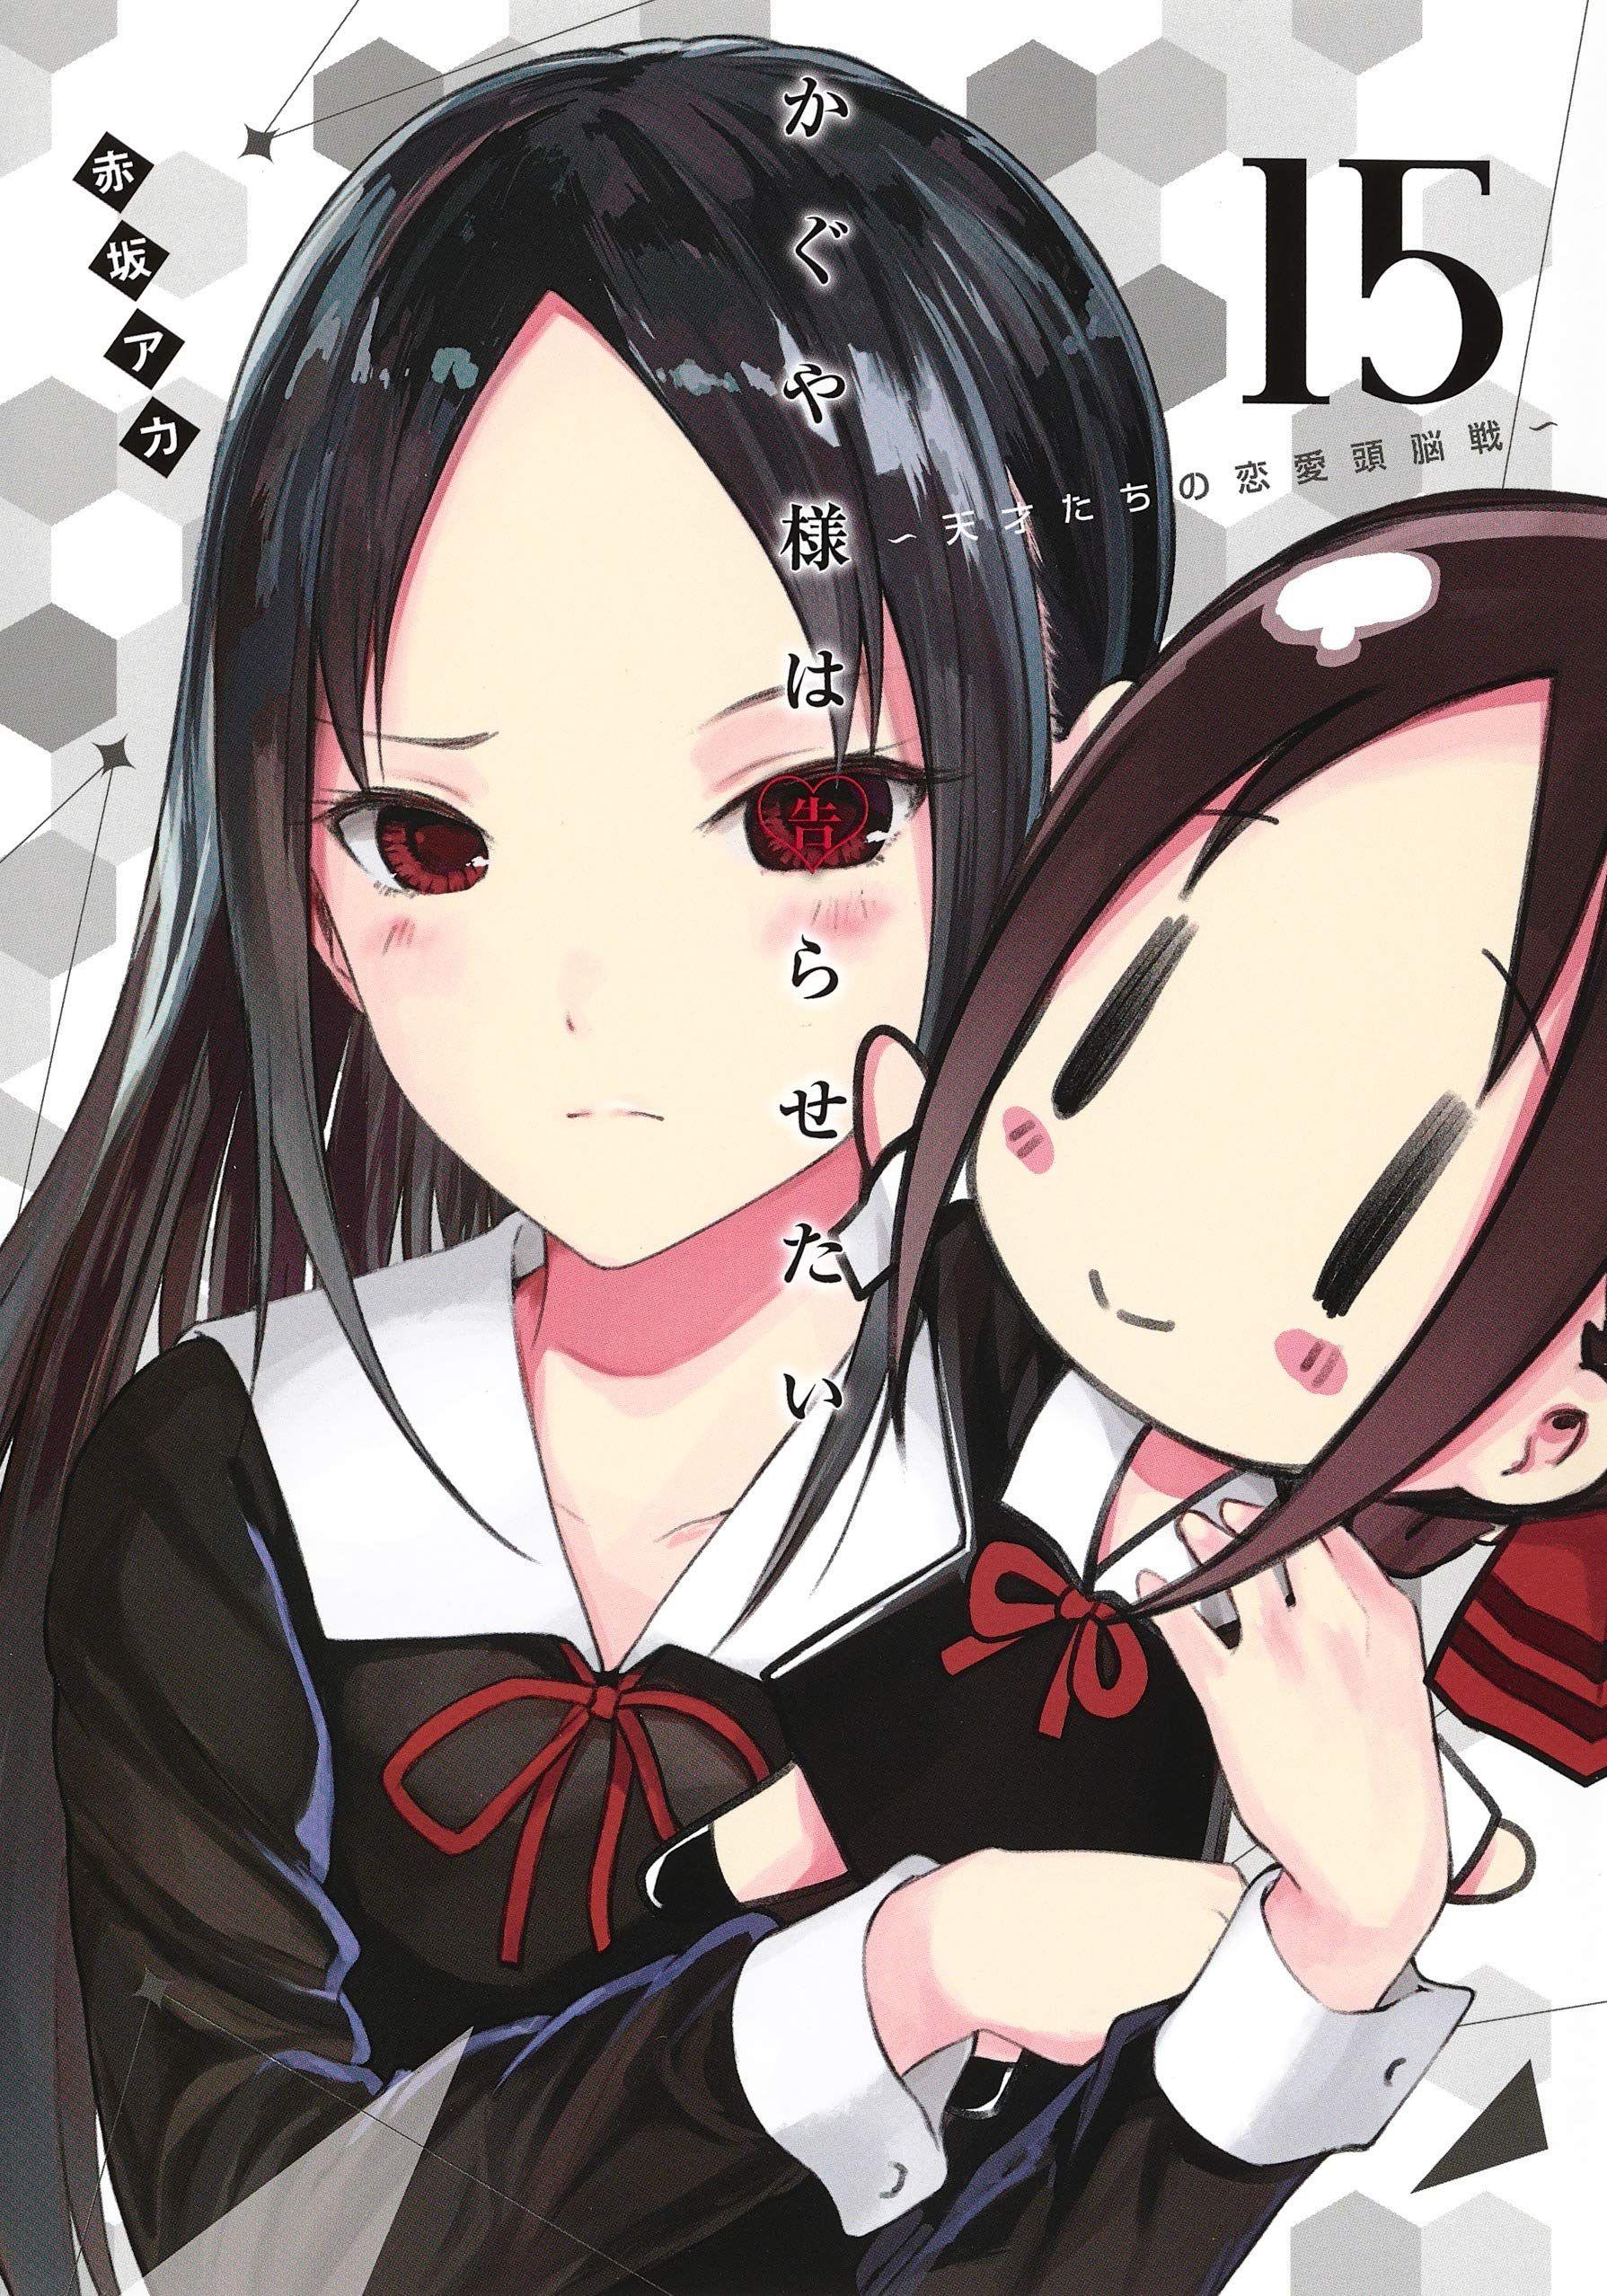 Manga - Manhwa - Kaguya-sama wa Kokurasetai - Tensai-tachi no Renai Zunousen jp Vol.15